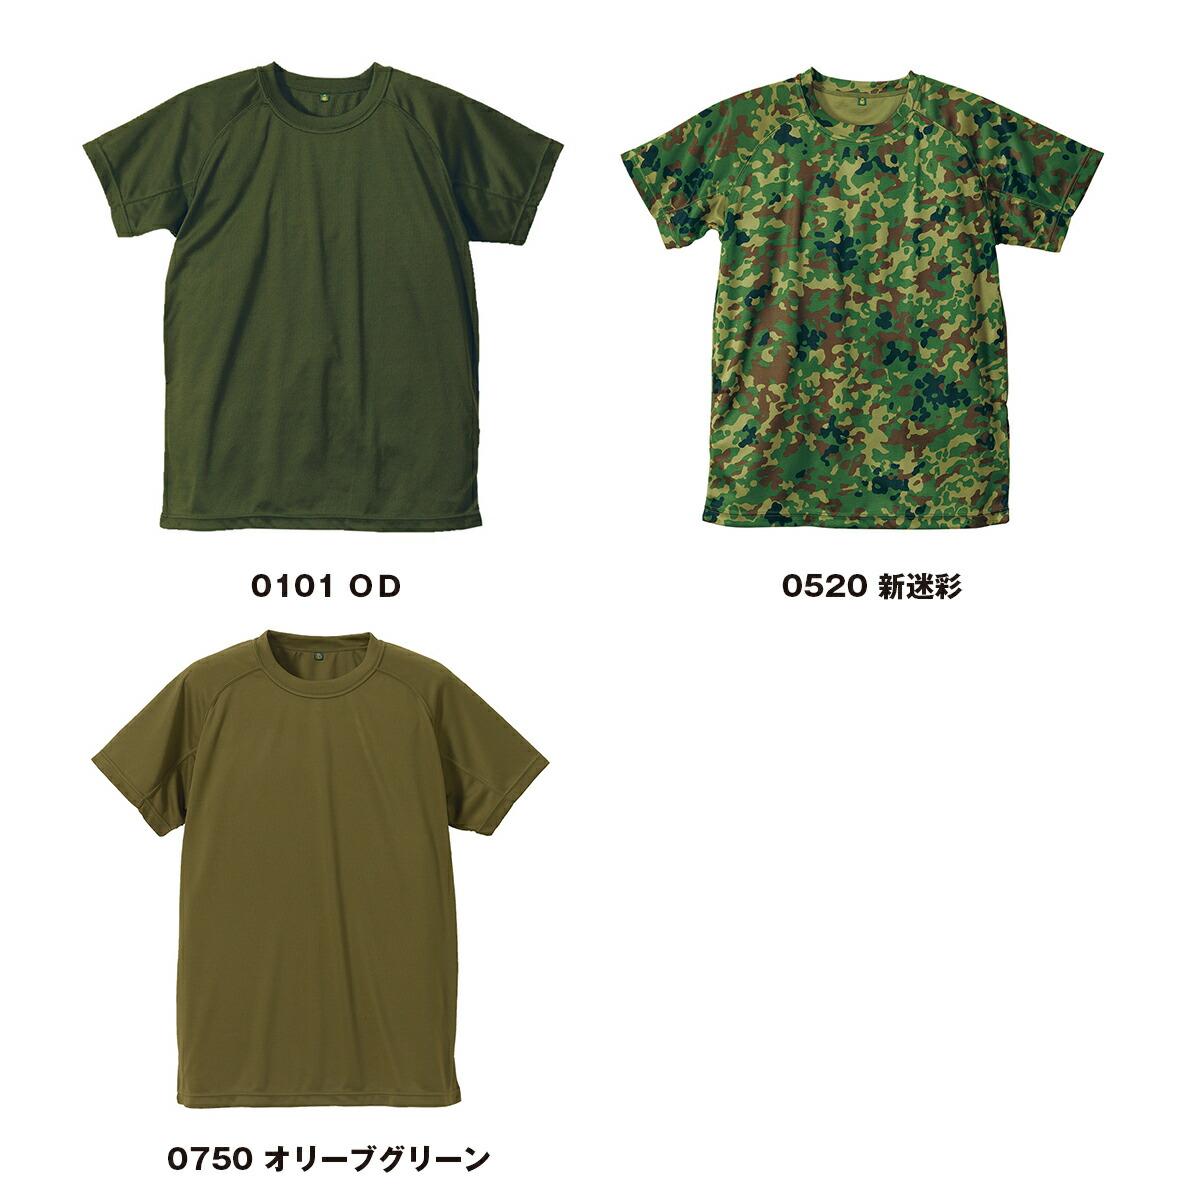 クールナイス 半袖Tシャツ(2枚組)